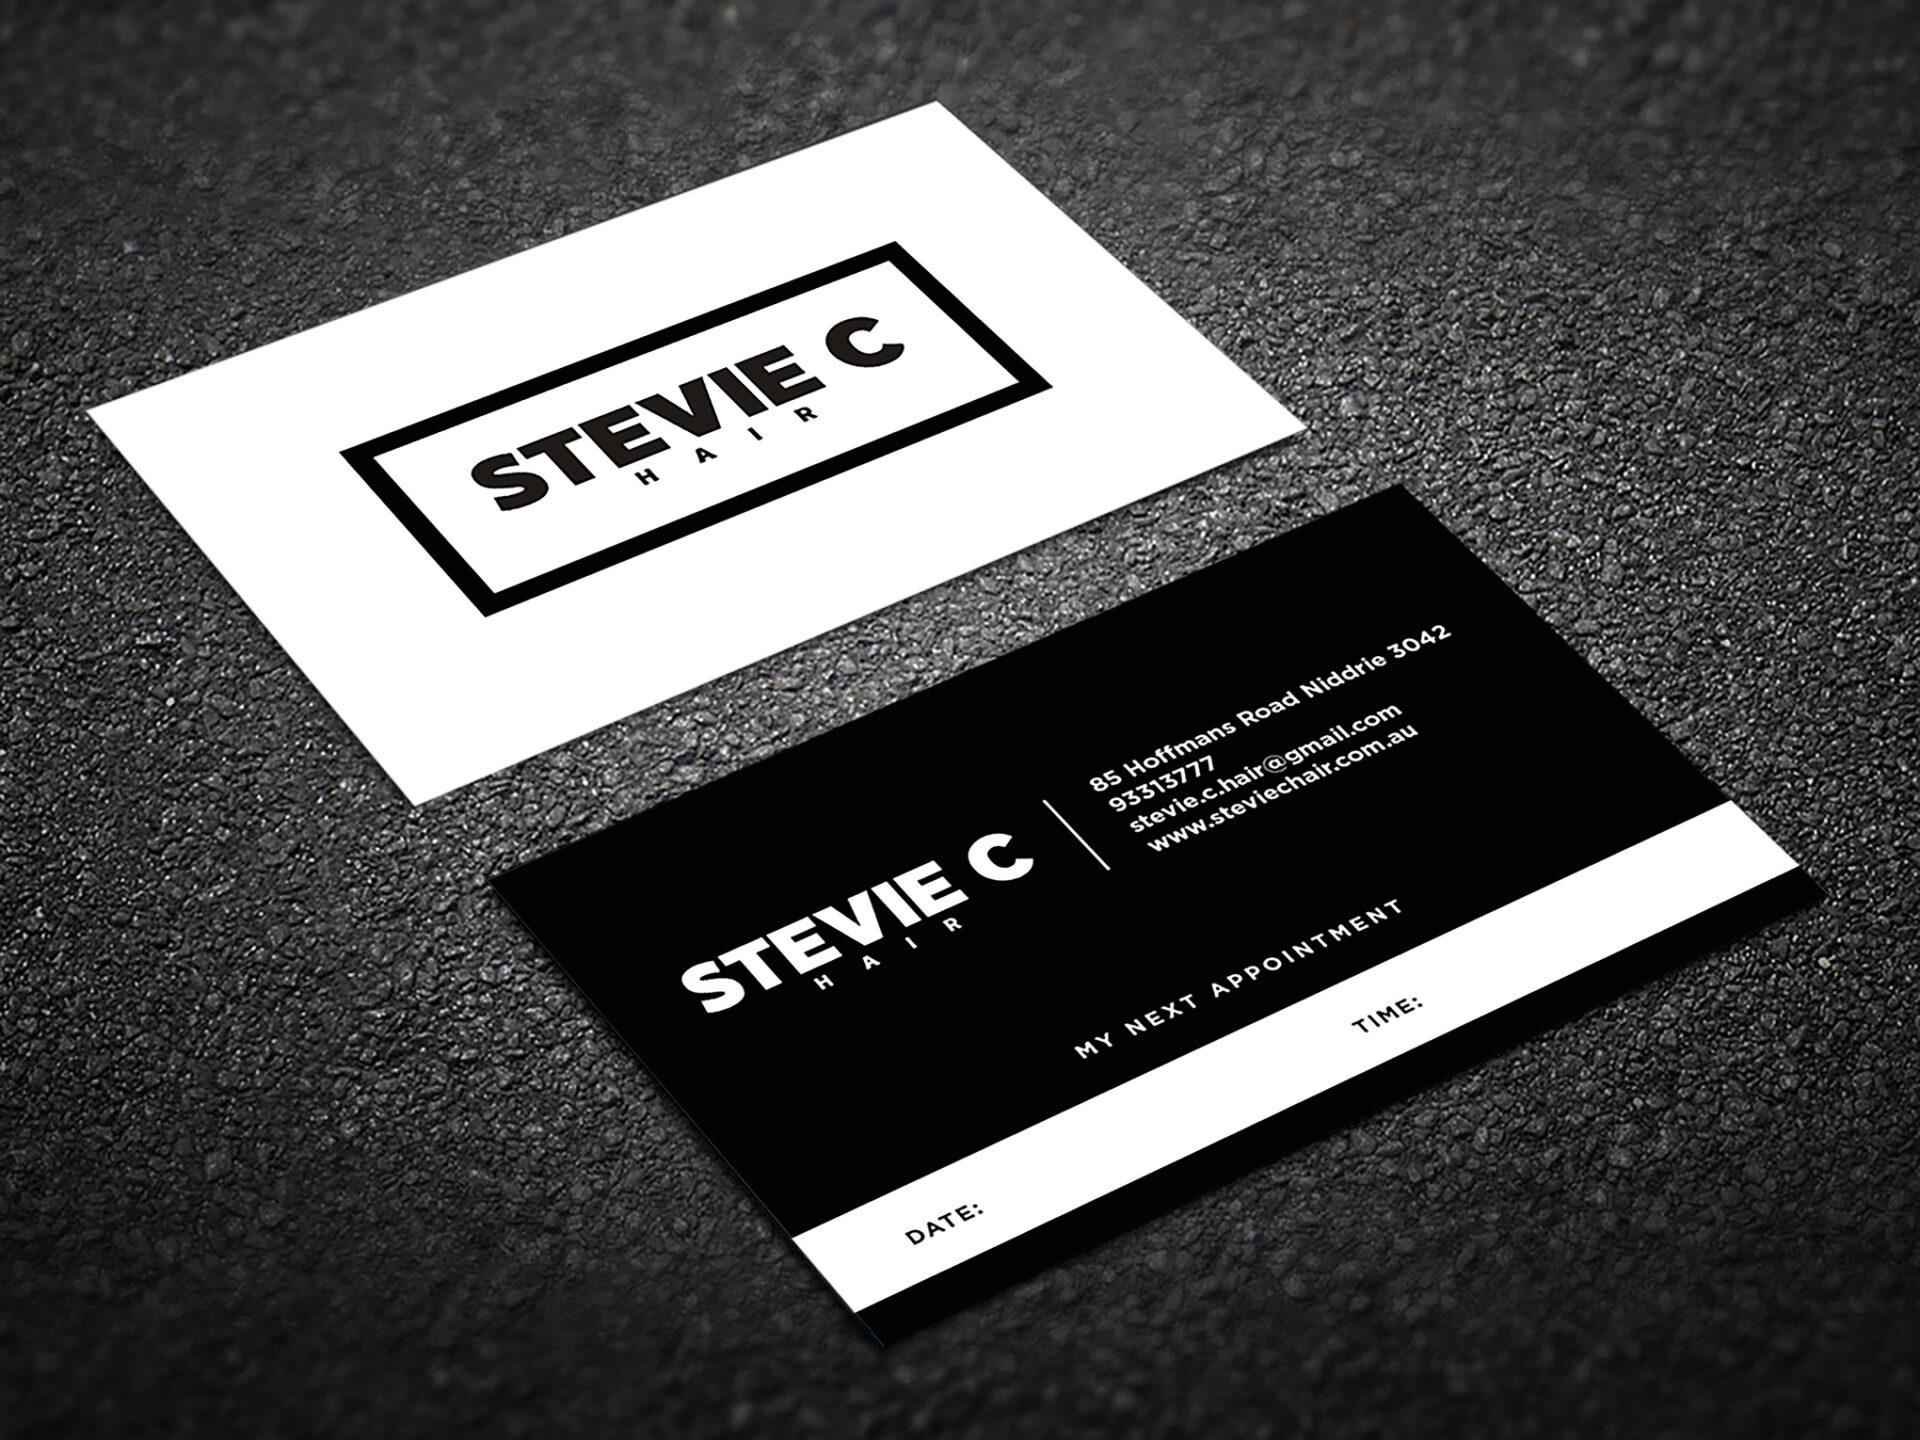 Steve C Hair